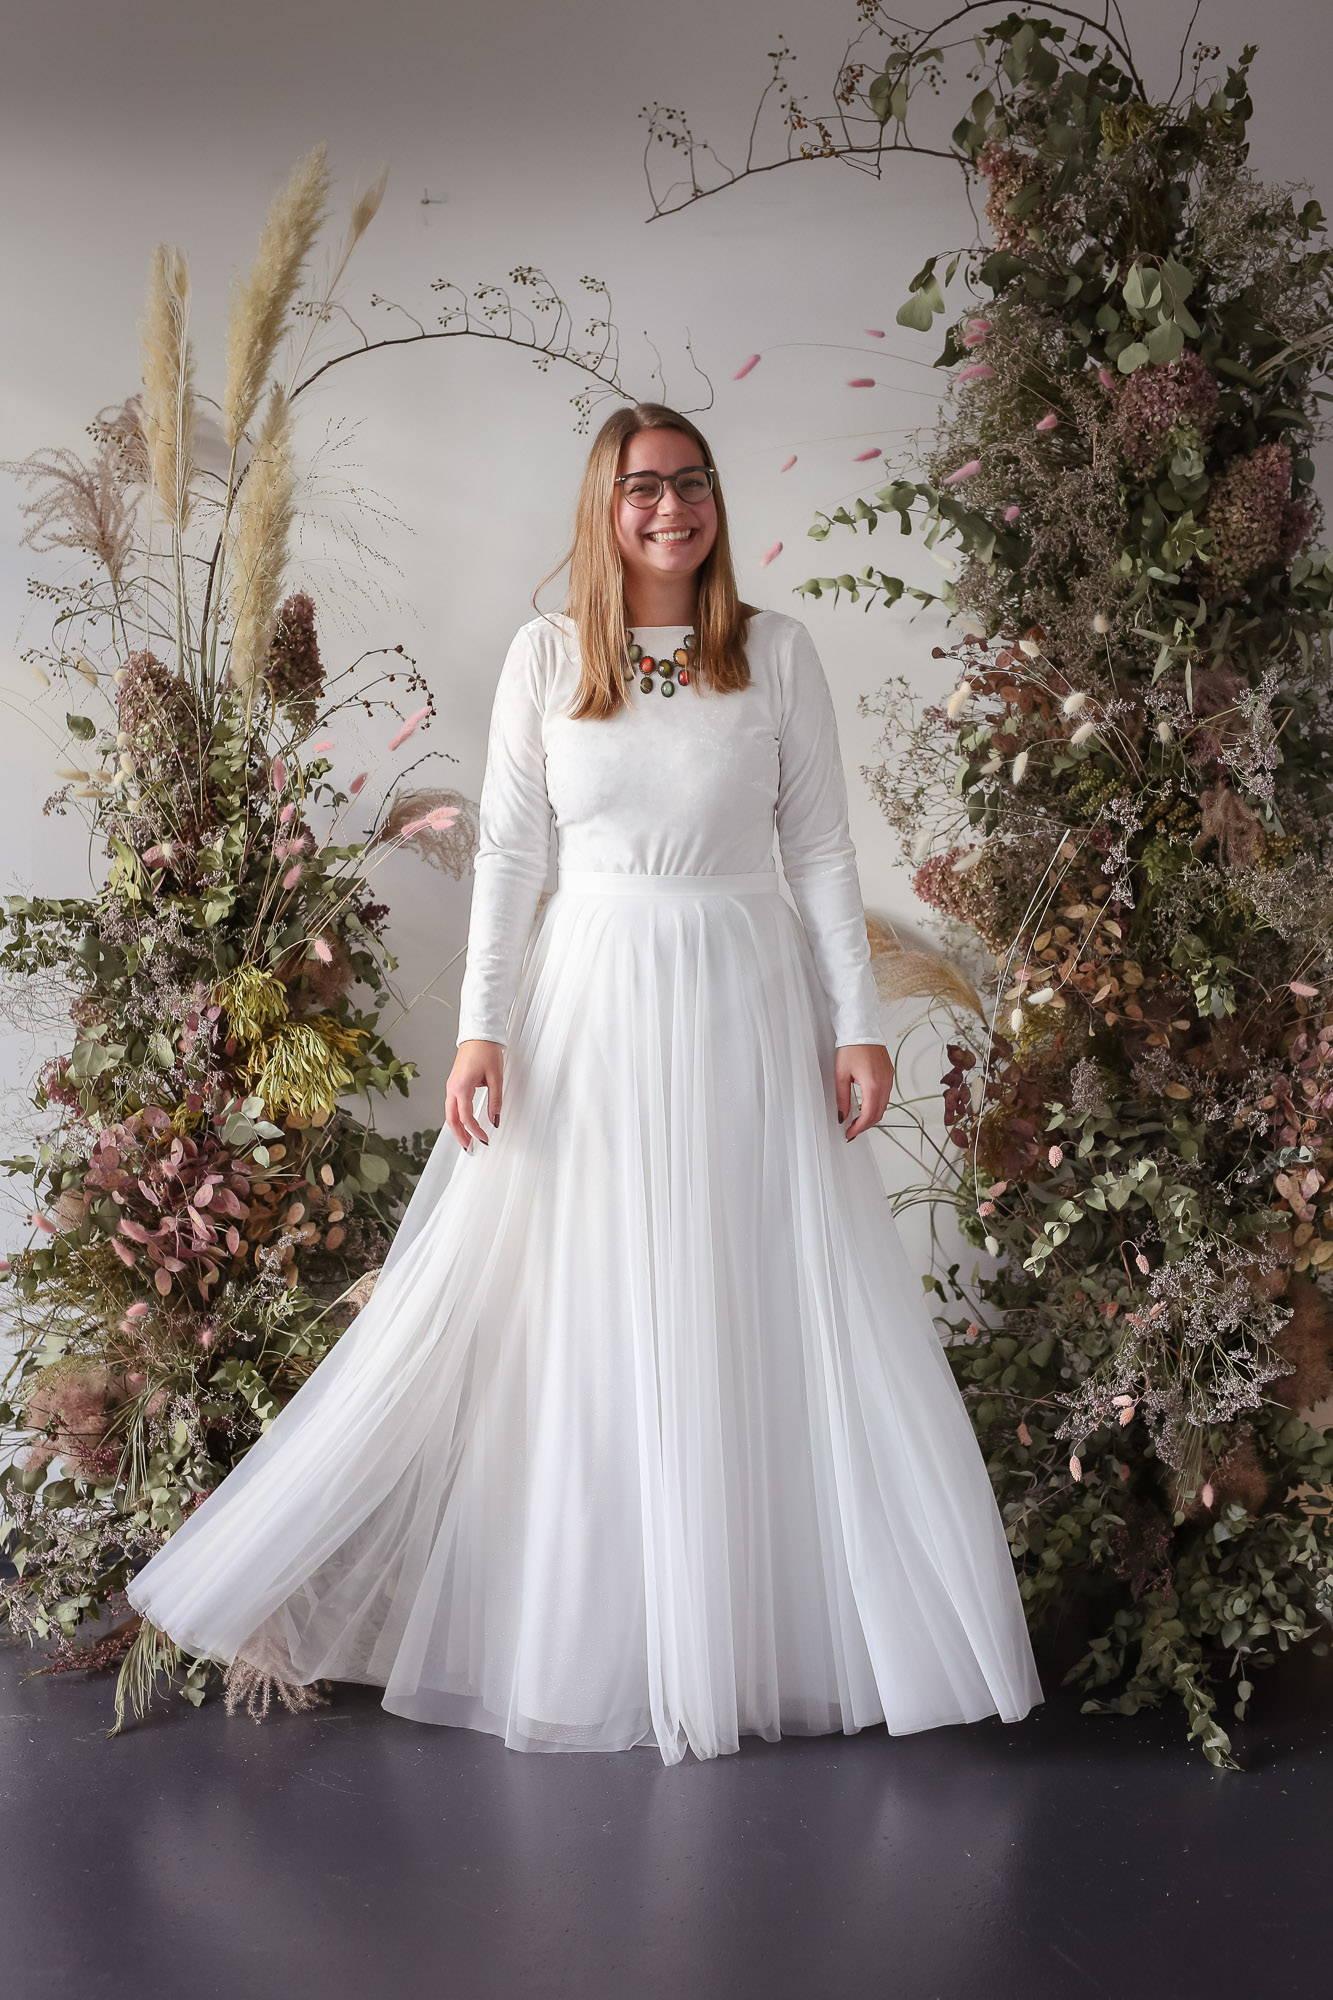 noni Brautkleider, modernes, zweiteiliges Brautkleid in Ivory mit Langarm-Body aus Samt mit Rückenausschnitt und langem Tüllrock